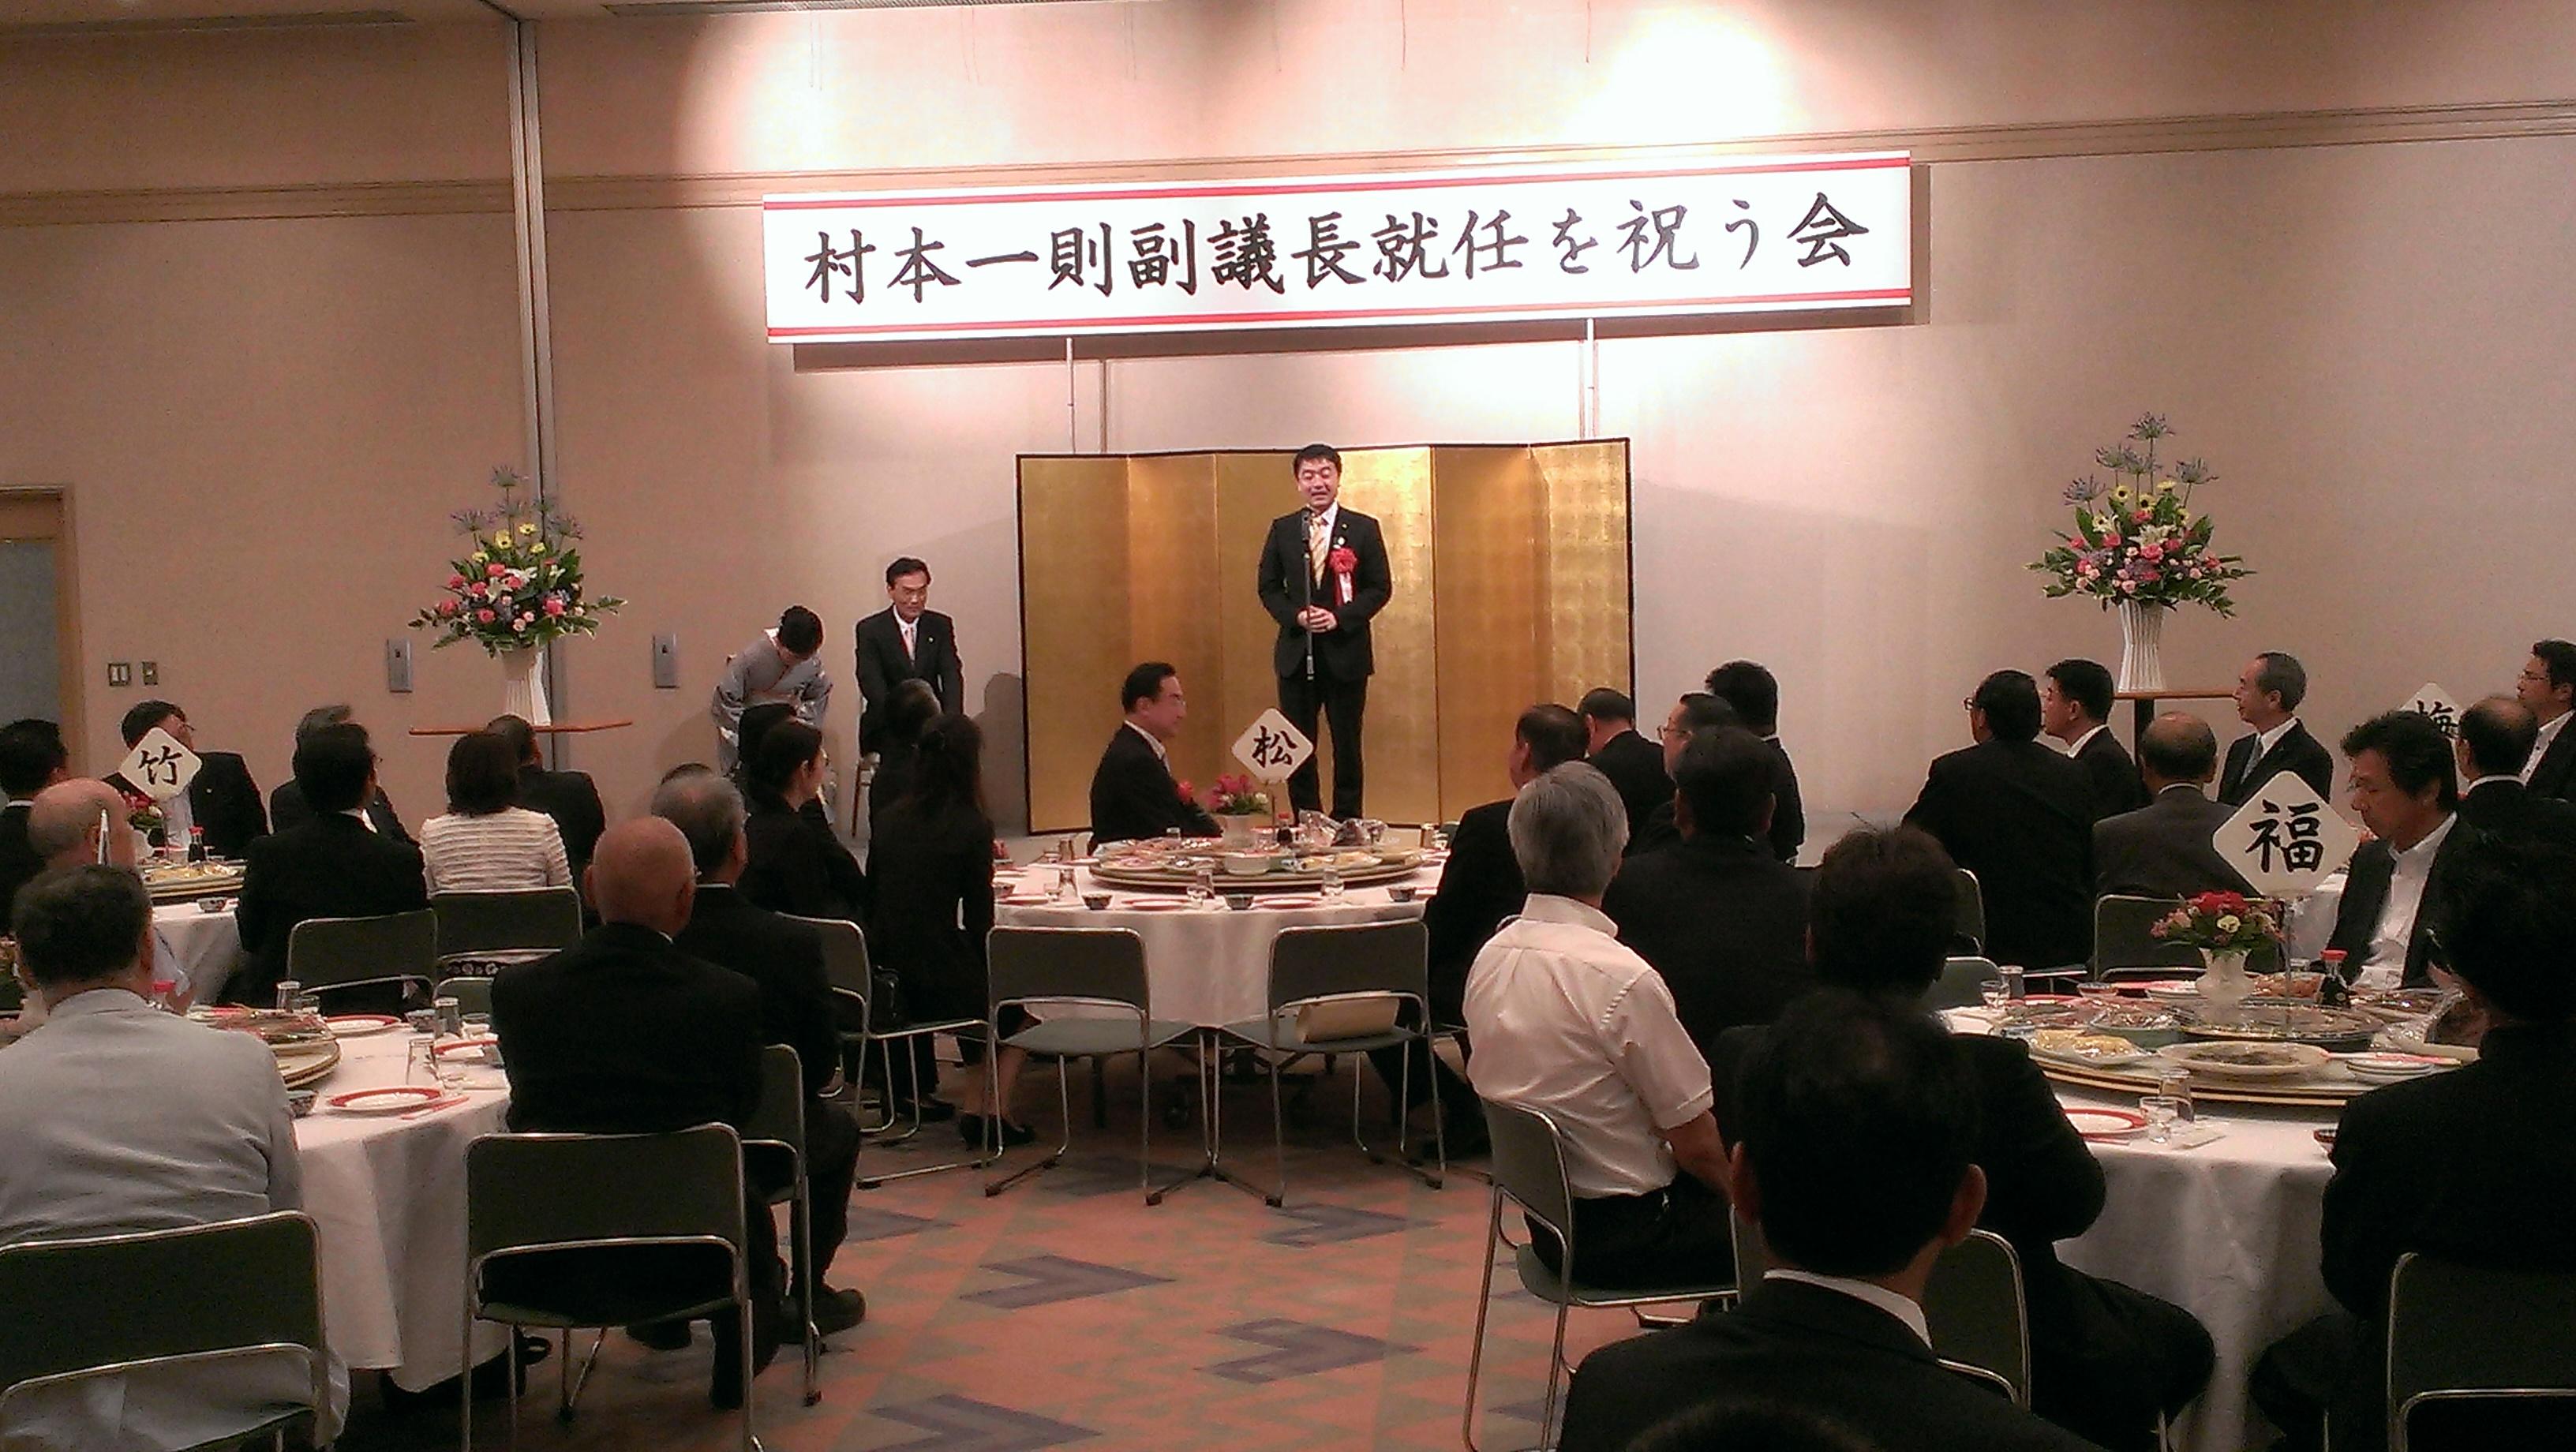 20130715村本一則副議長就任を祝う会